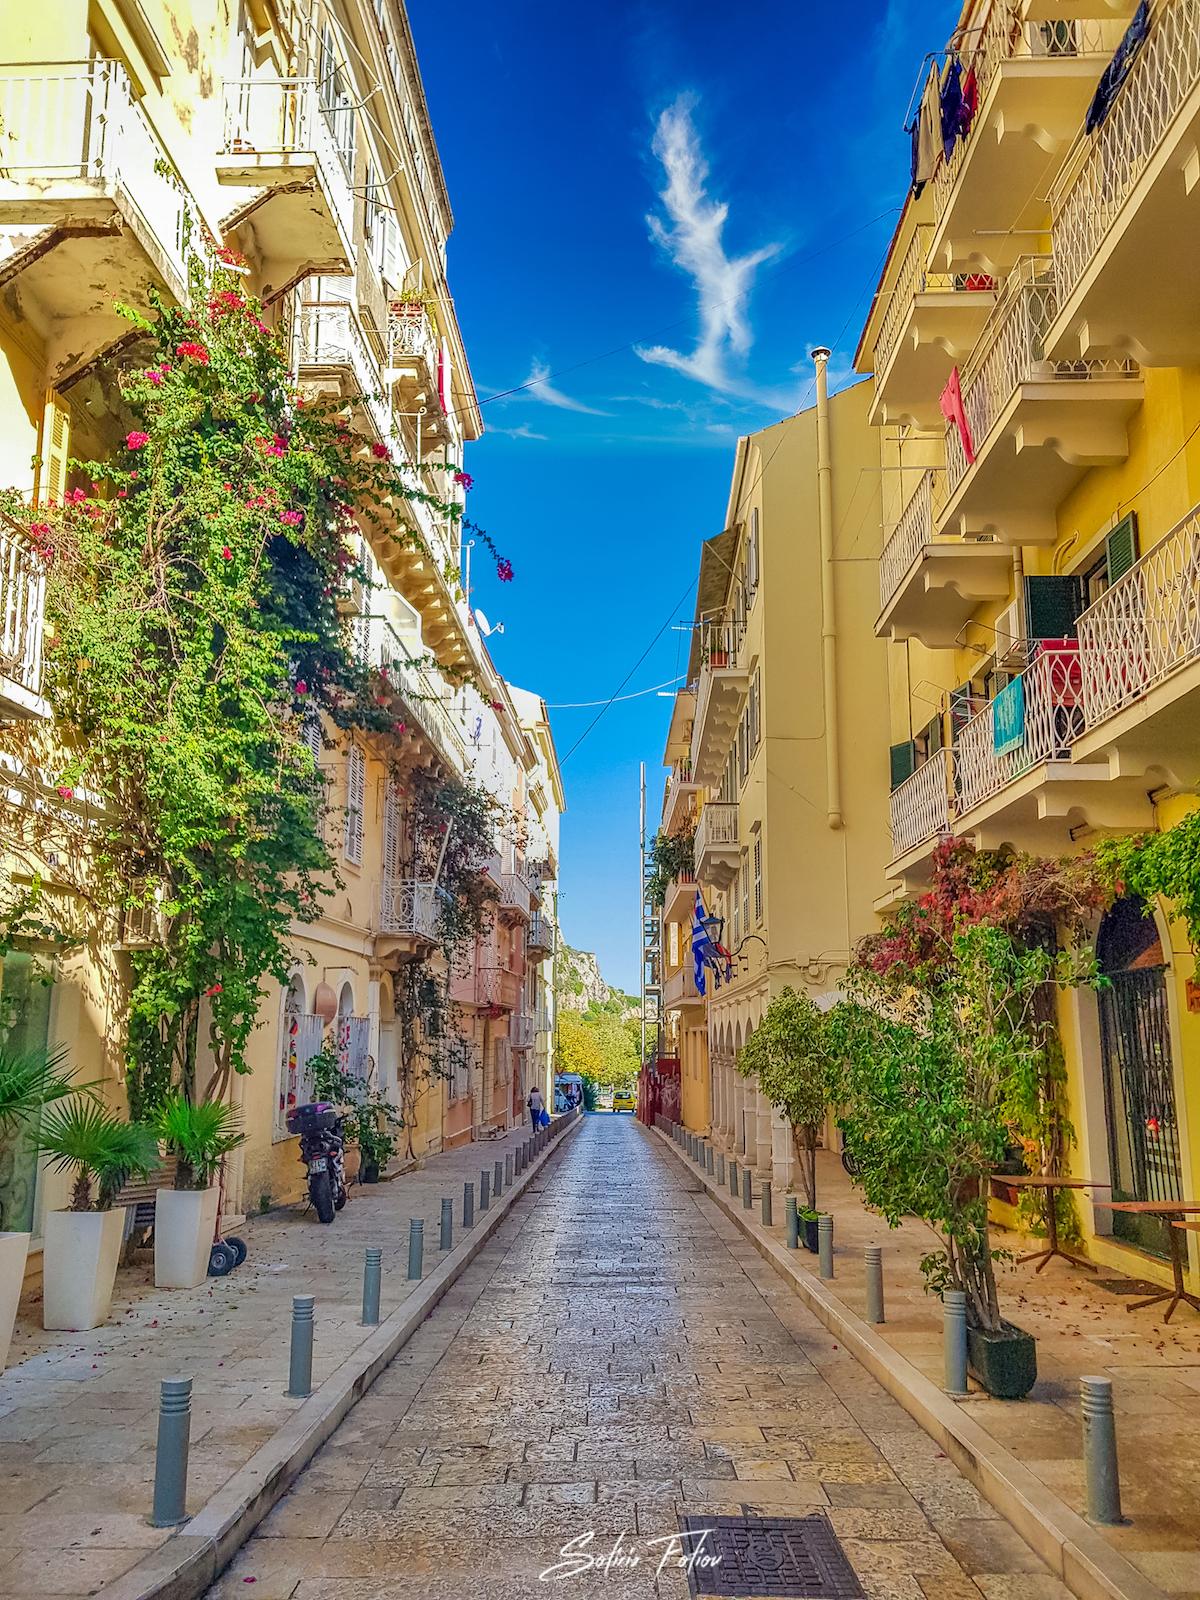 Architecture in Corfu Town